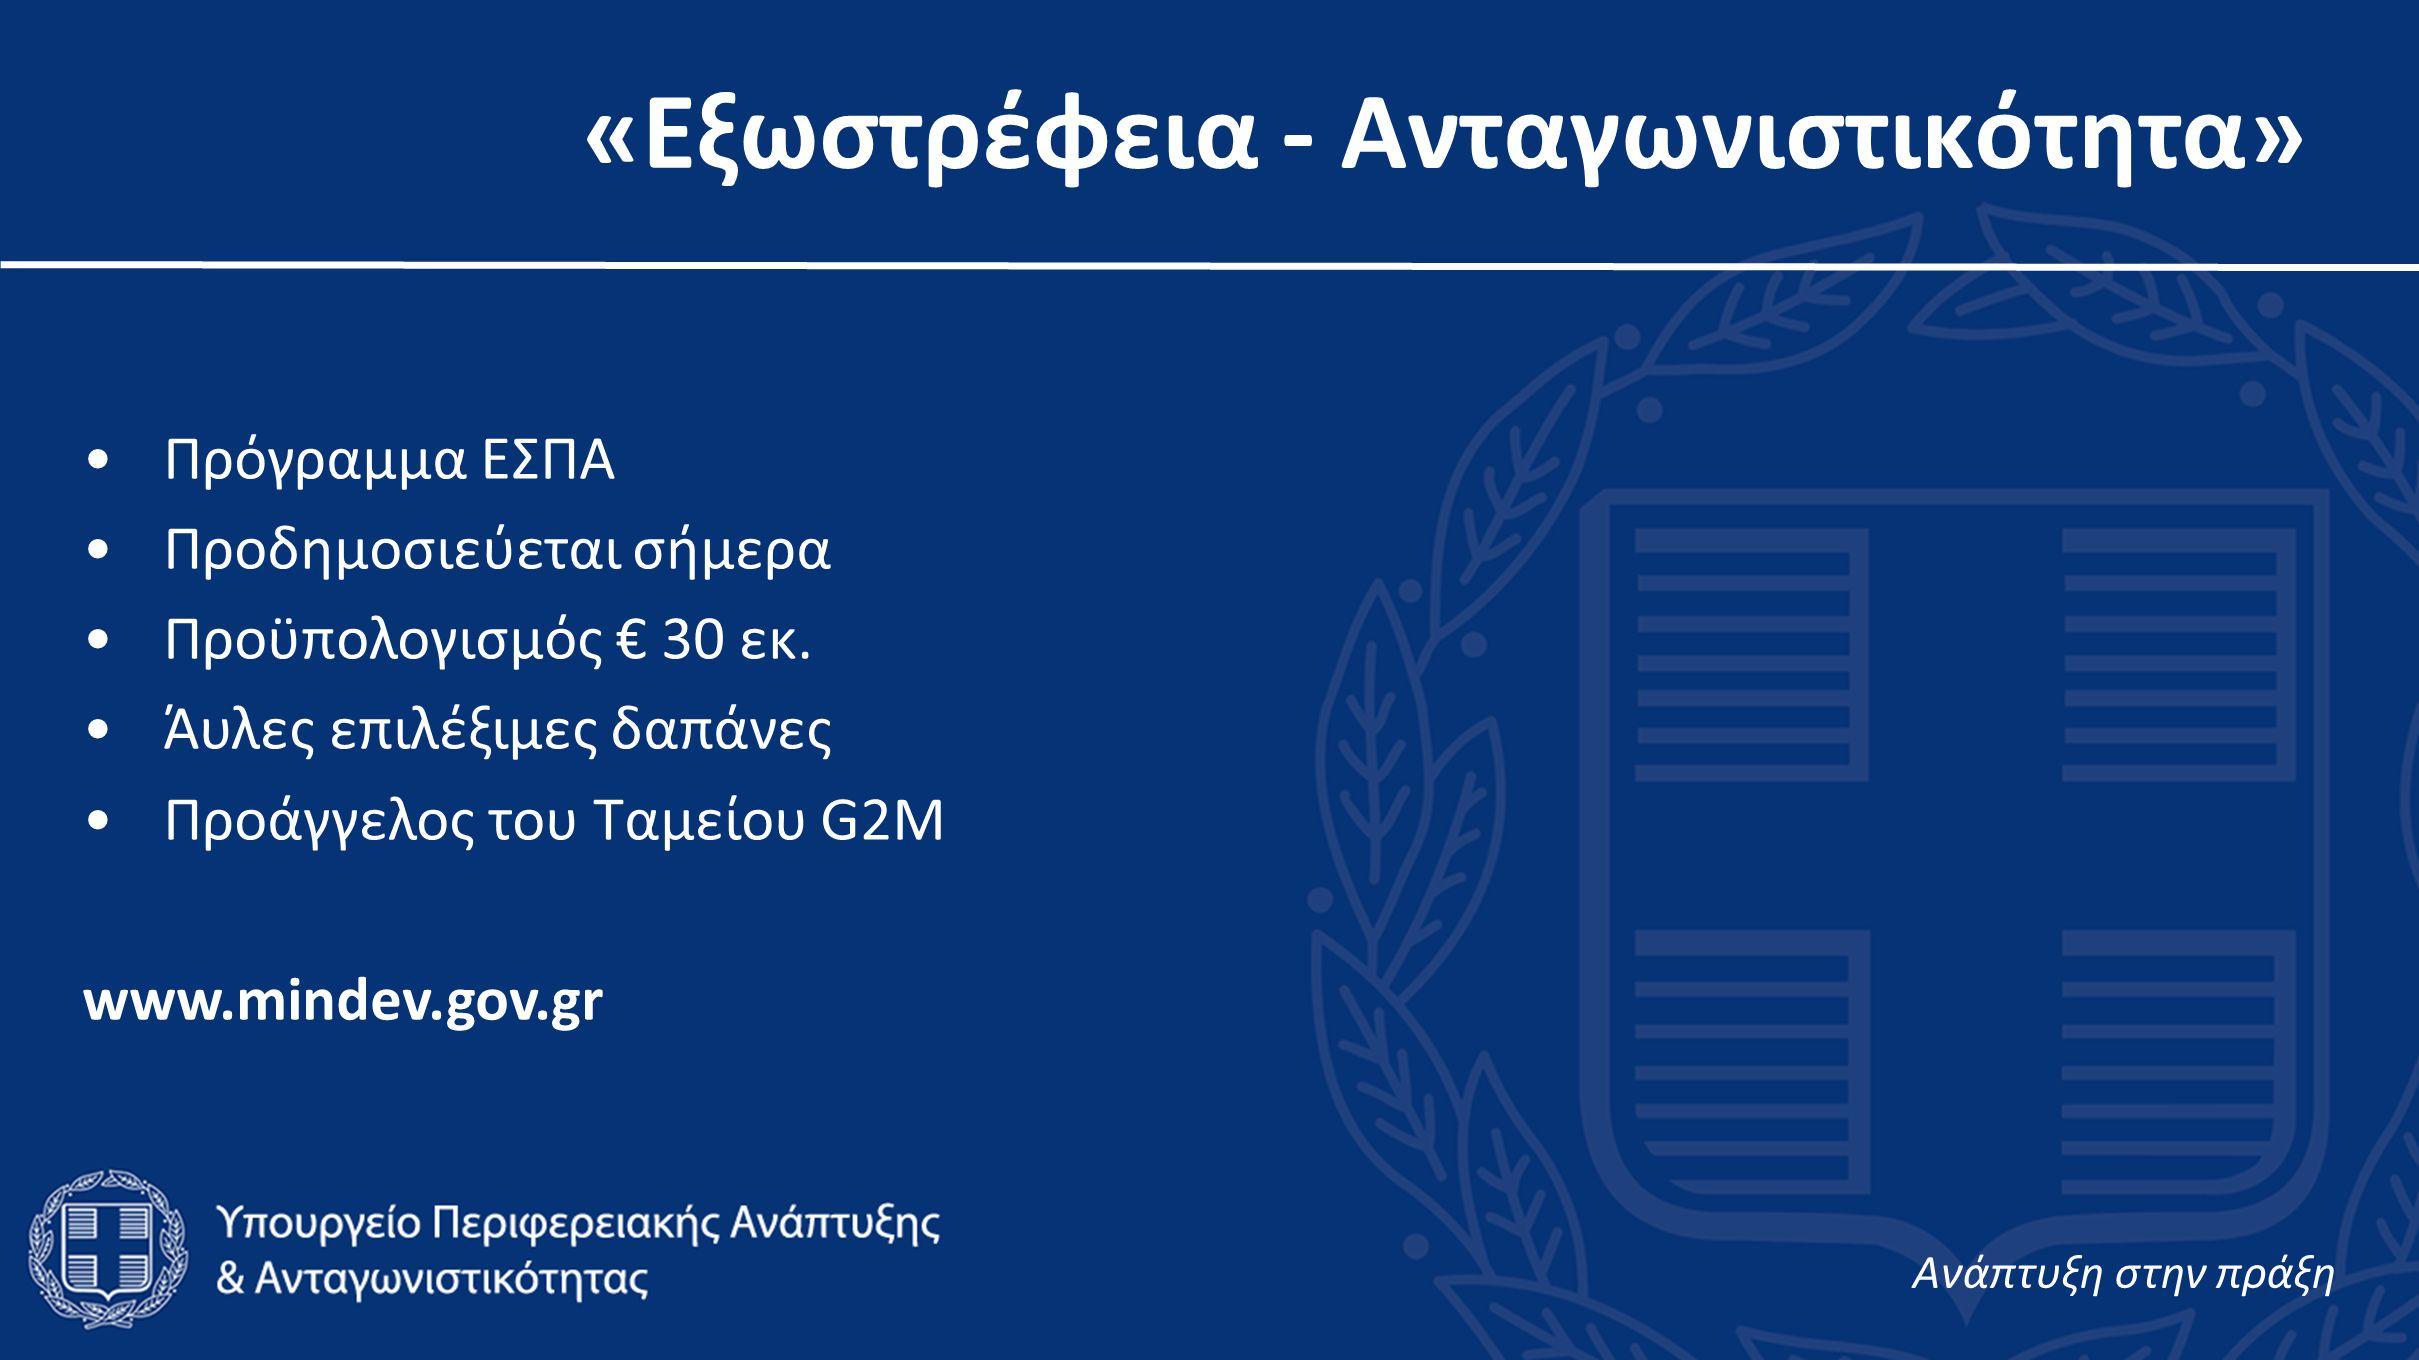 «Εξωστρέφεια - Ανταγωνιστικότητα» •Πρόγραμμα ΕΣΠΑ •Προδημοσιεύεται σήμερα •Προϋπολογισμός € 30 εκ.